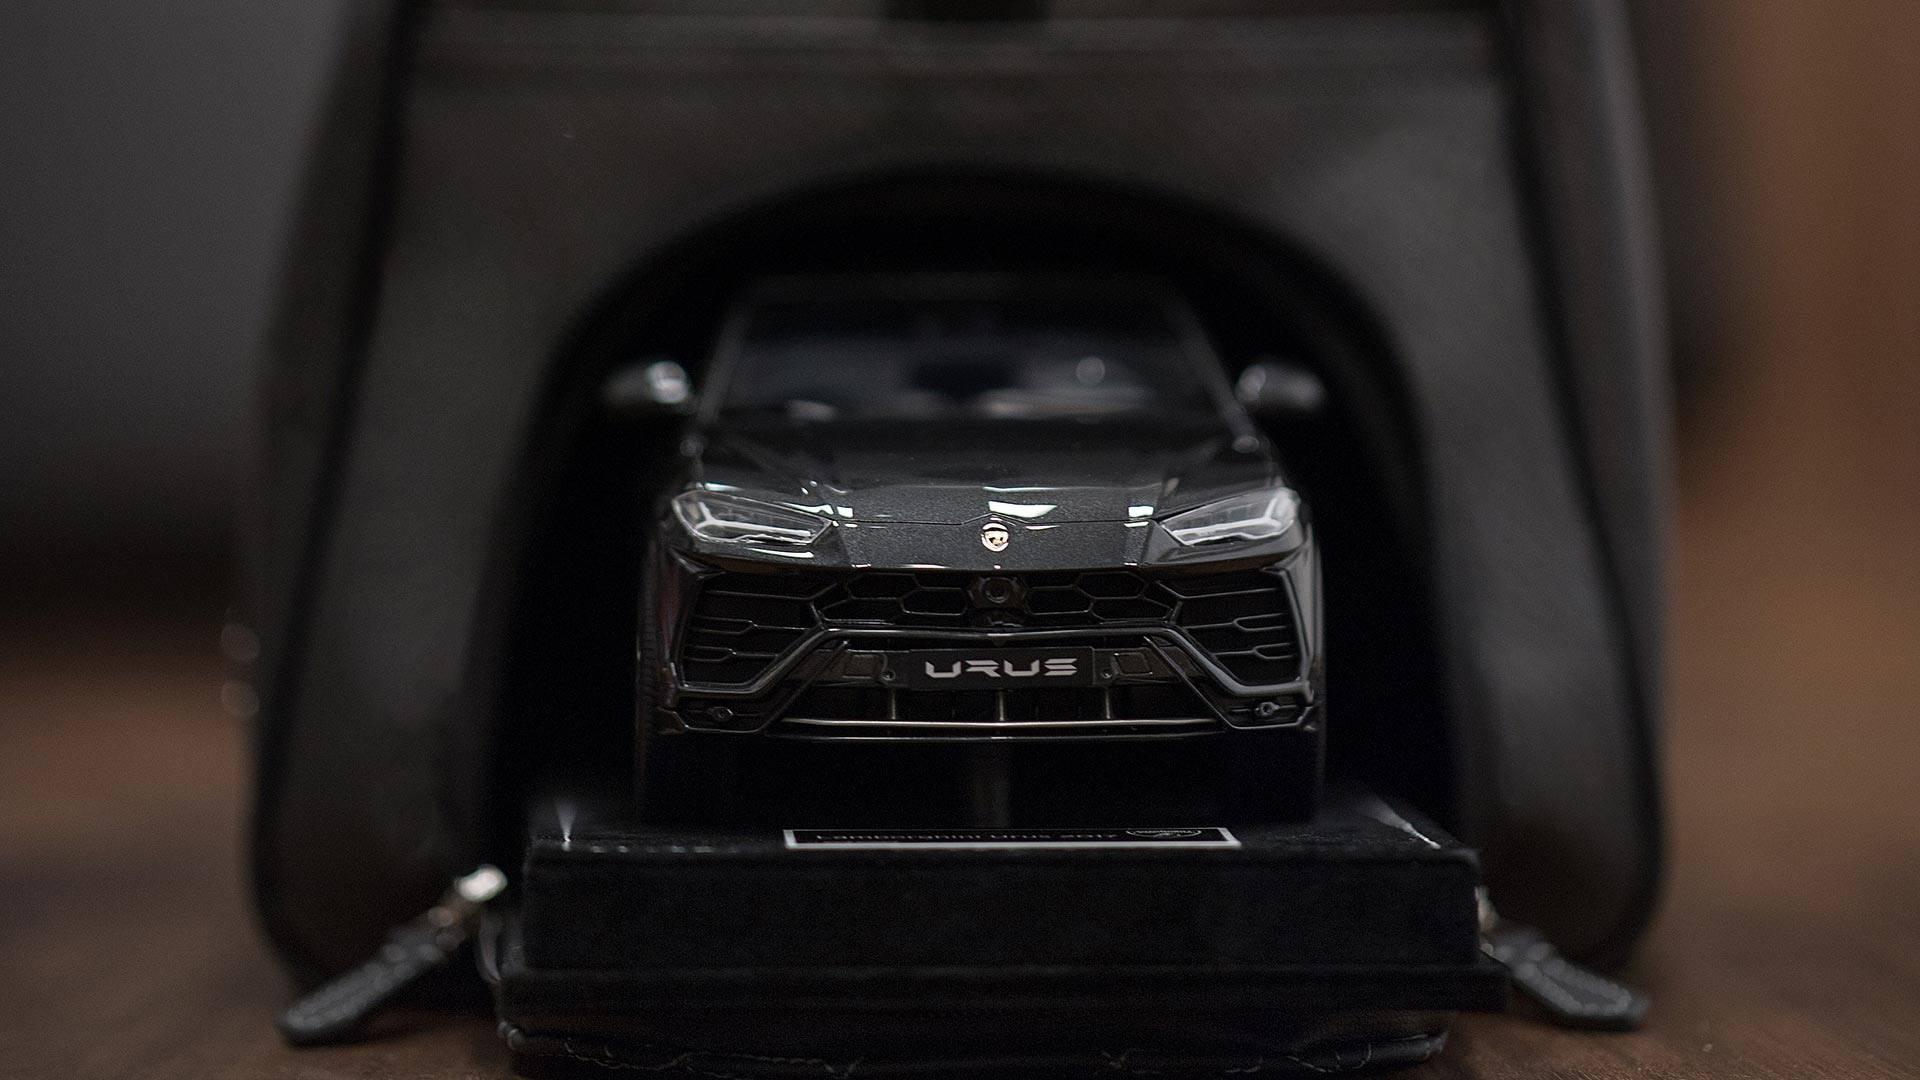 collezione-automobili-lamborghini-urus-collection (11)